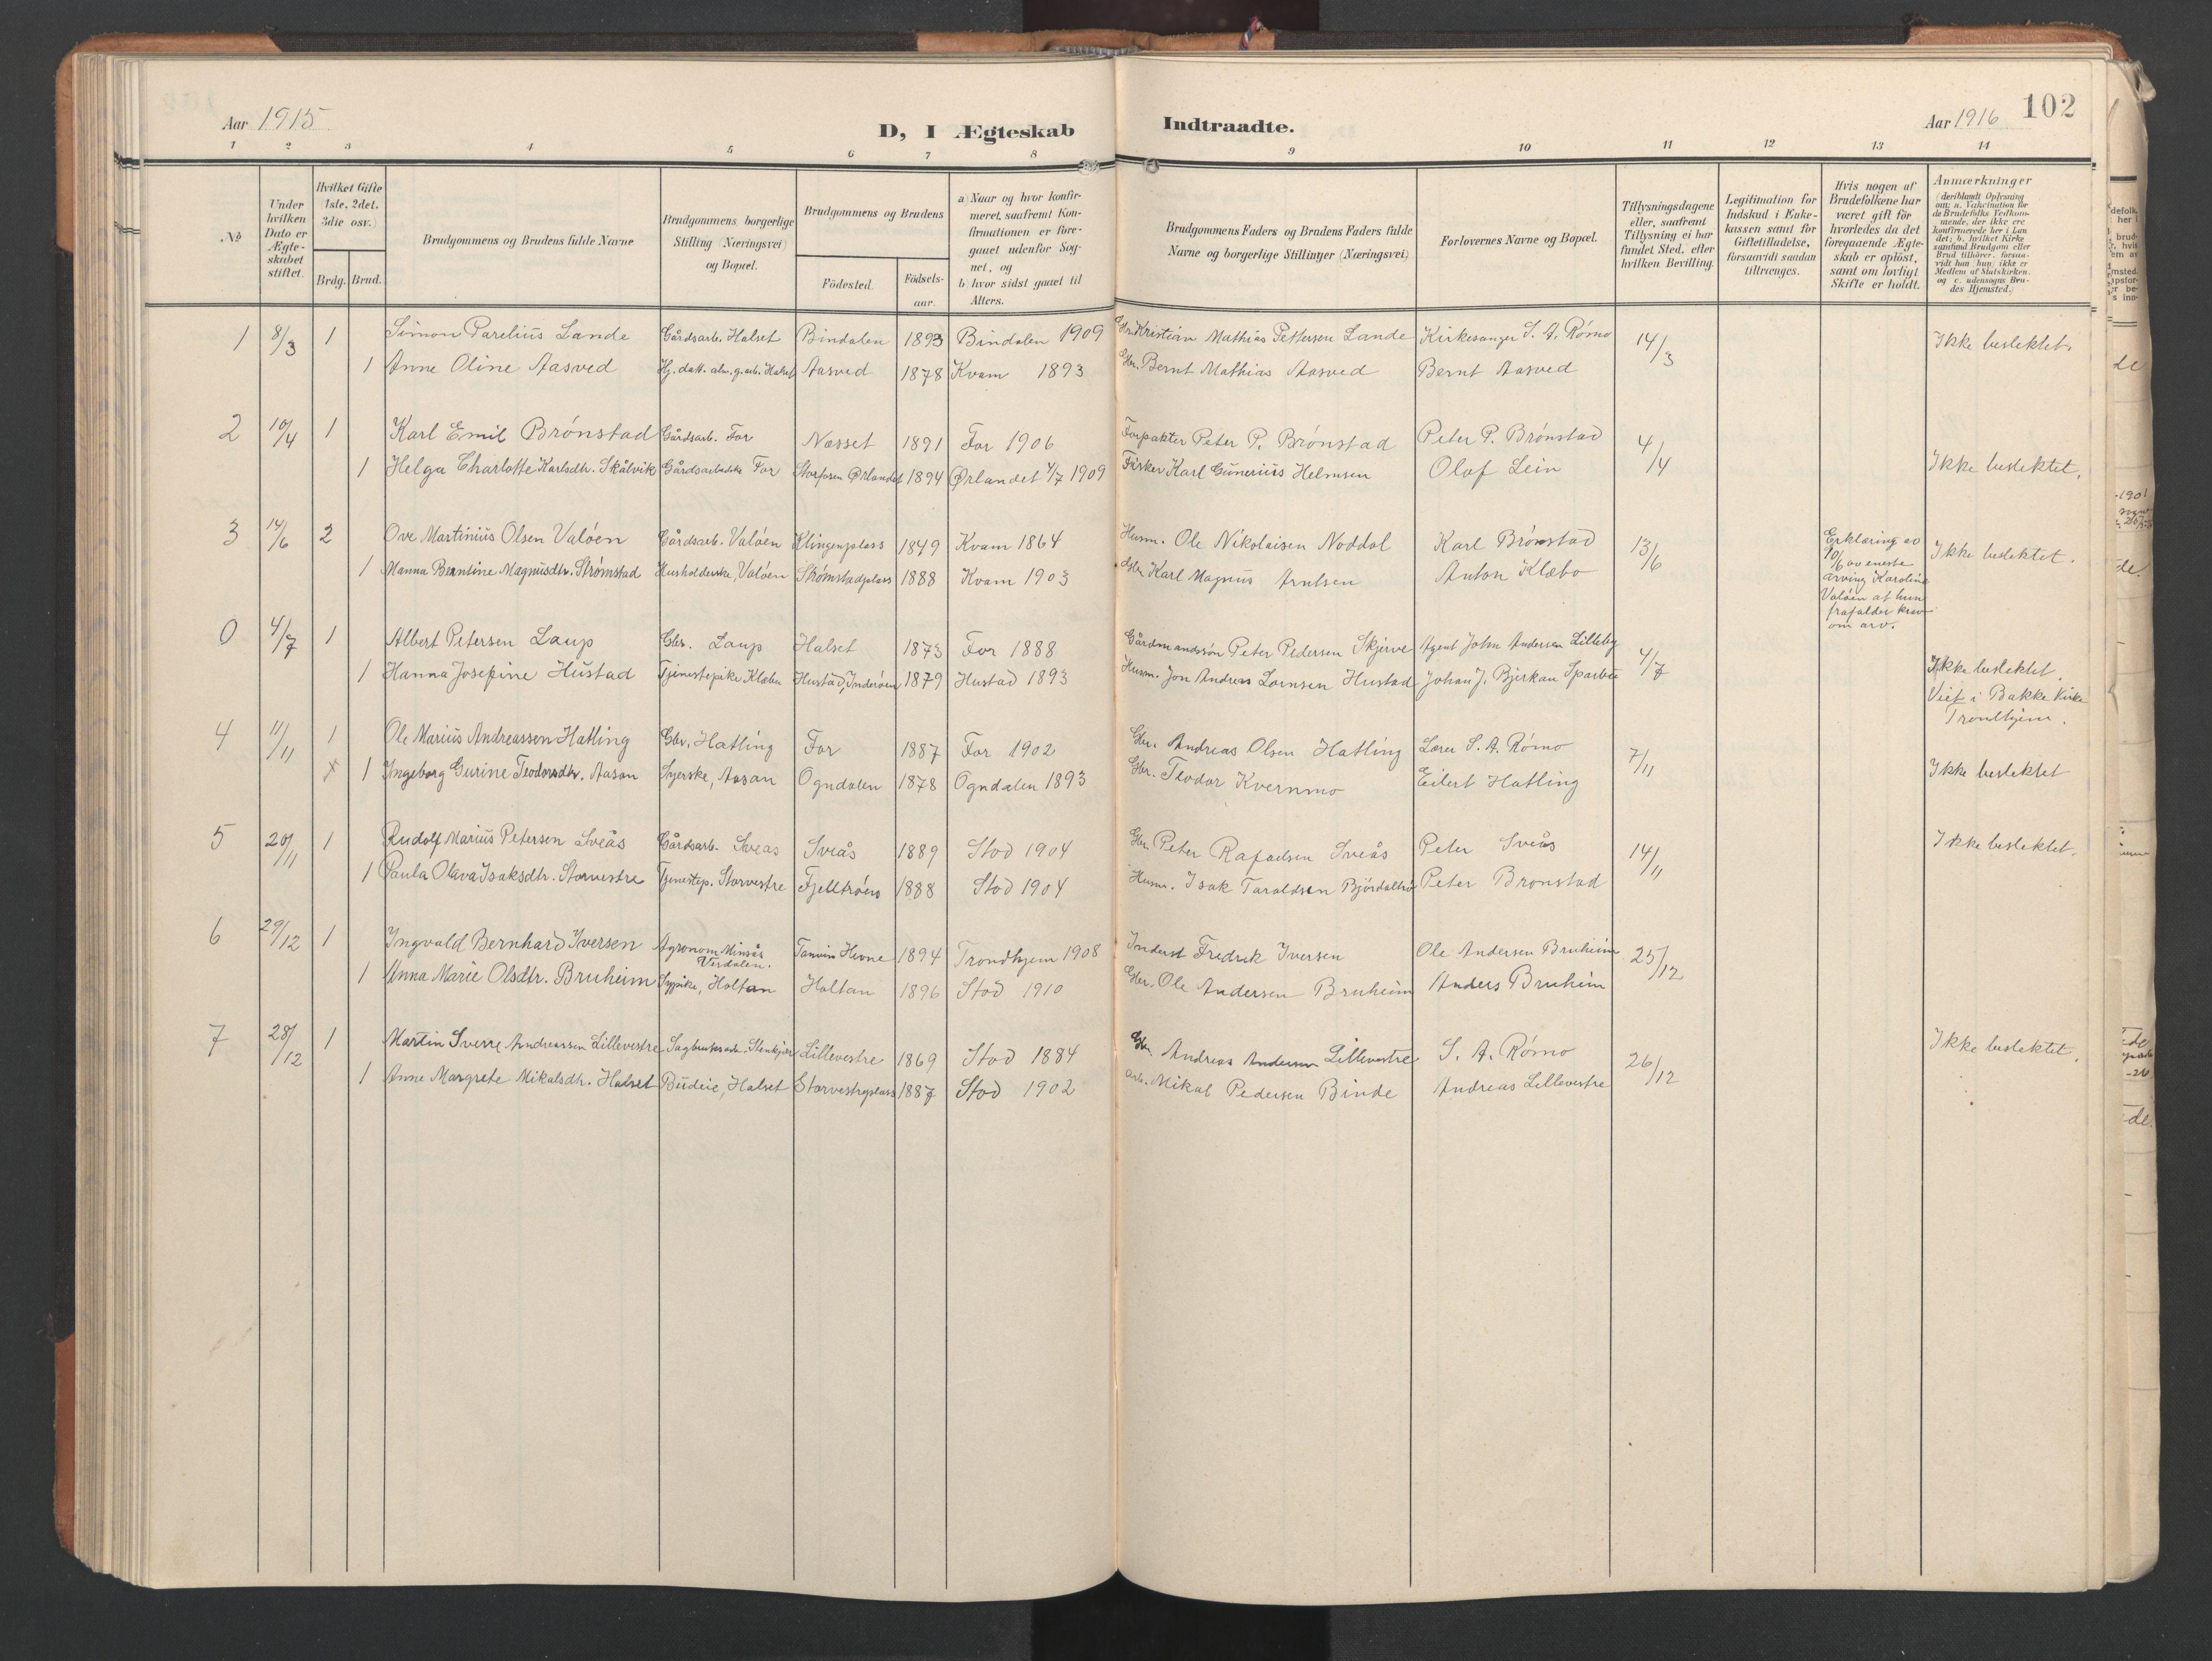 SAT, Ministerialprotokoller, klokkerbøker og fødselsregistre - Nord-Trøndelag, 746/L0455: Klokkerbok nr. 746C01, 1908-1933, s. 102